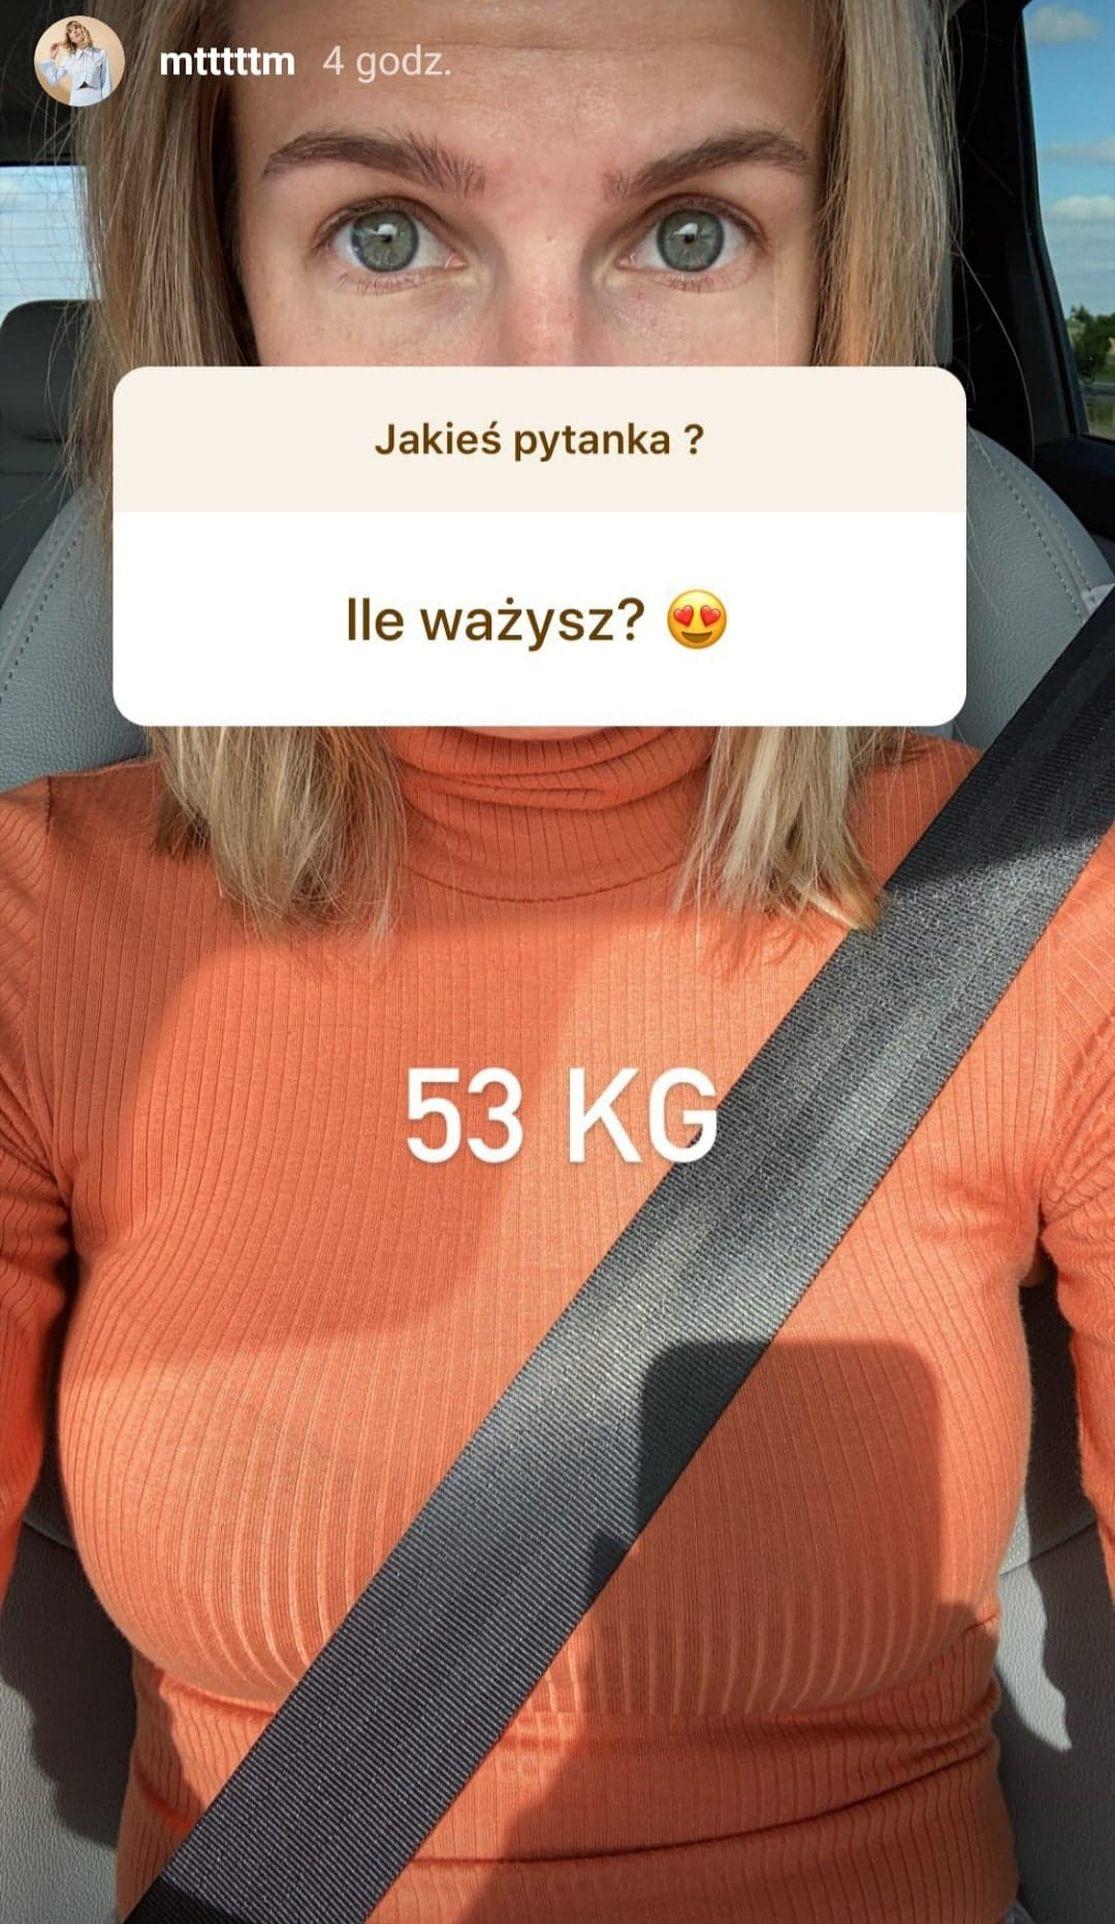 Marta Wierzbicka zdradza, ile waży